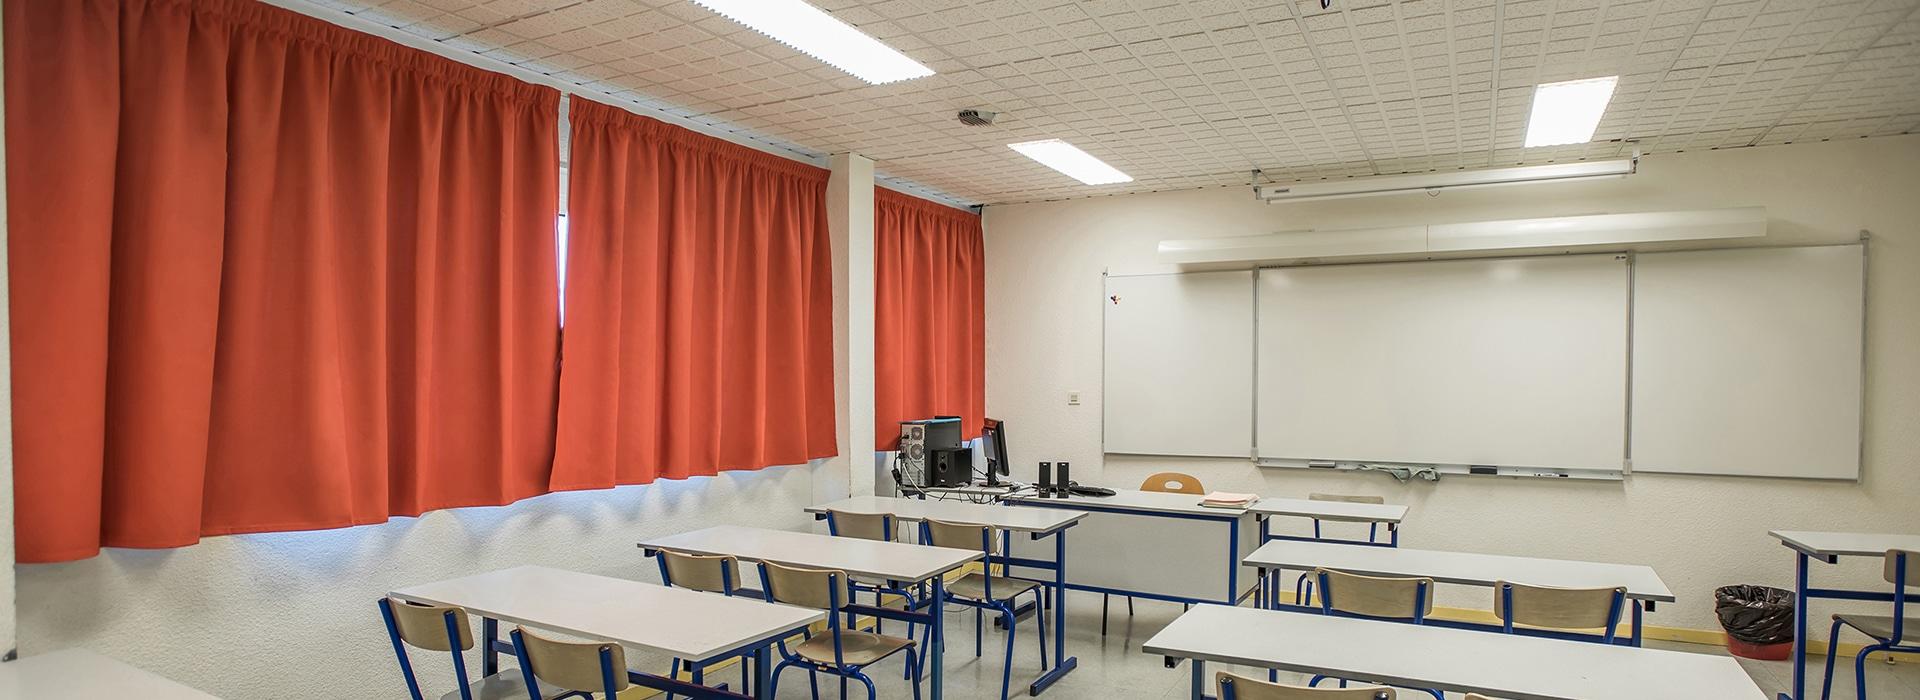 rideaux salle de classe